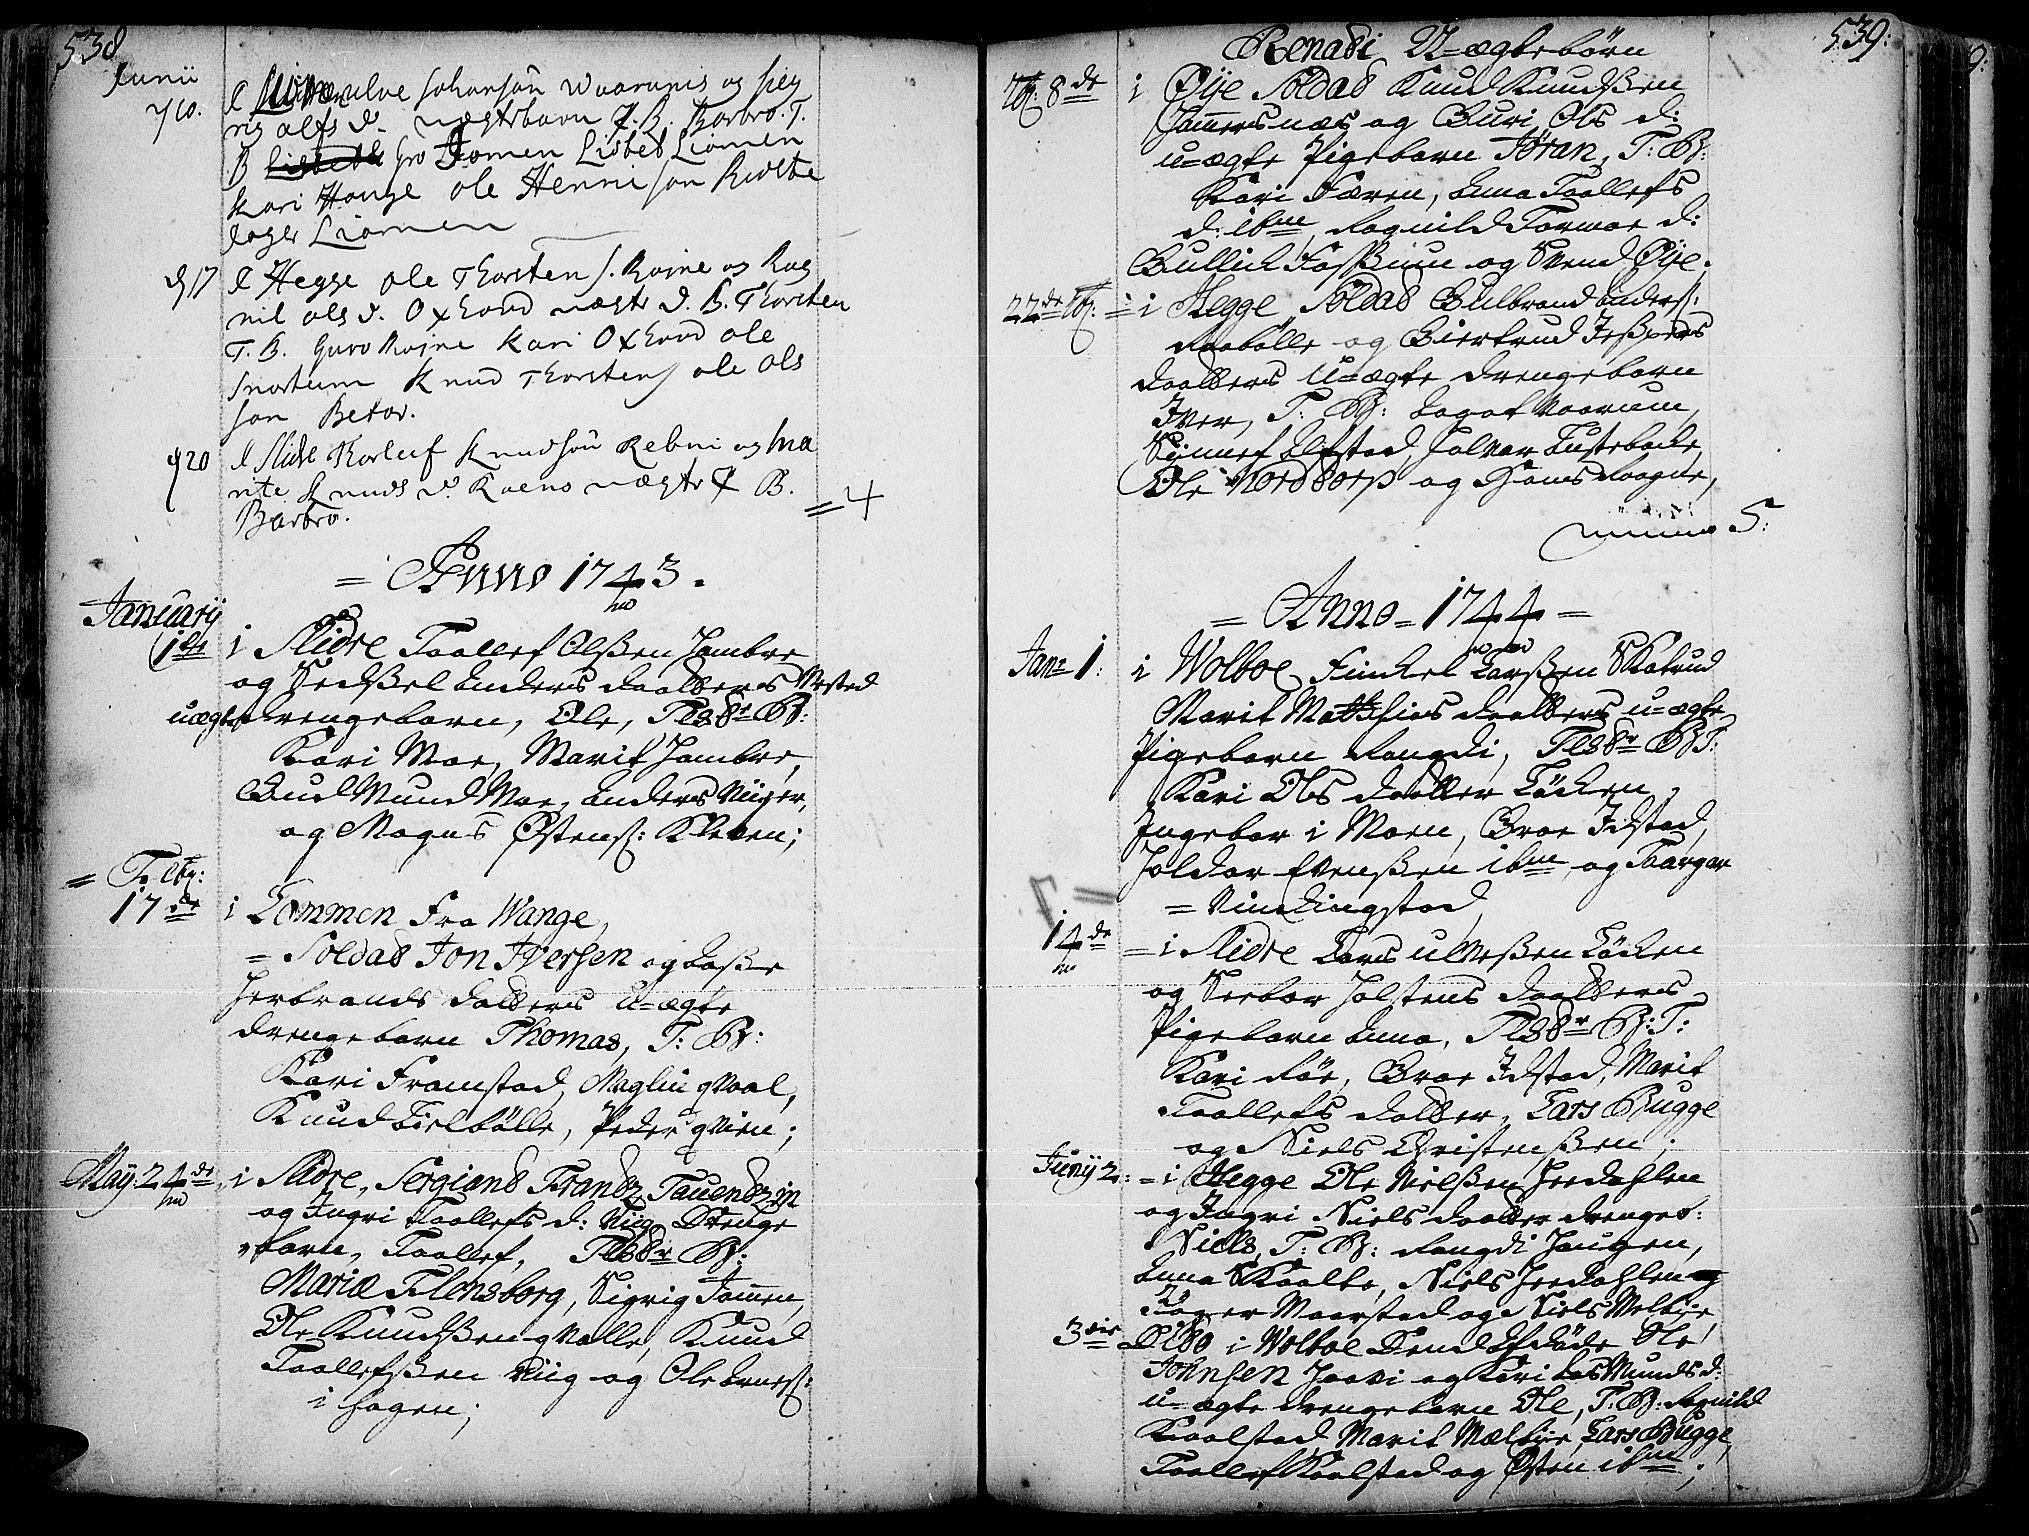 SAH, Slidre prestekontor, Ministerialbok nr. 1, 1724-1814, s. 538-539